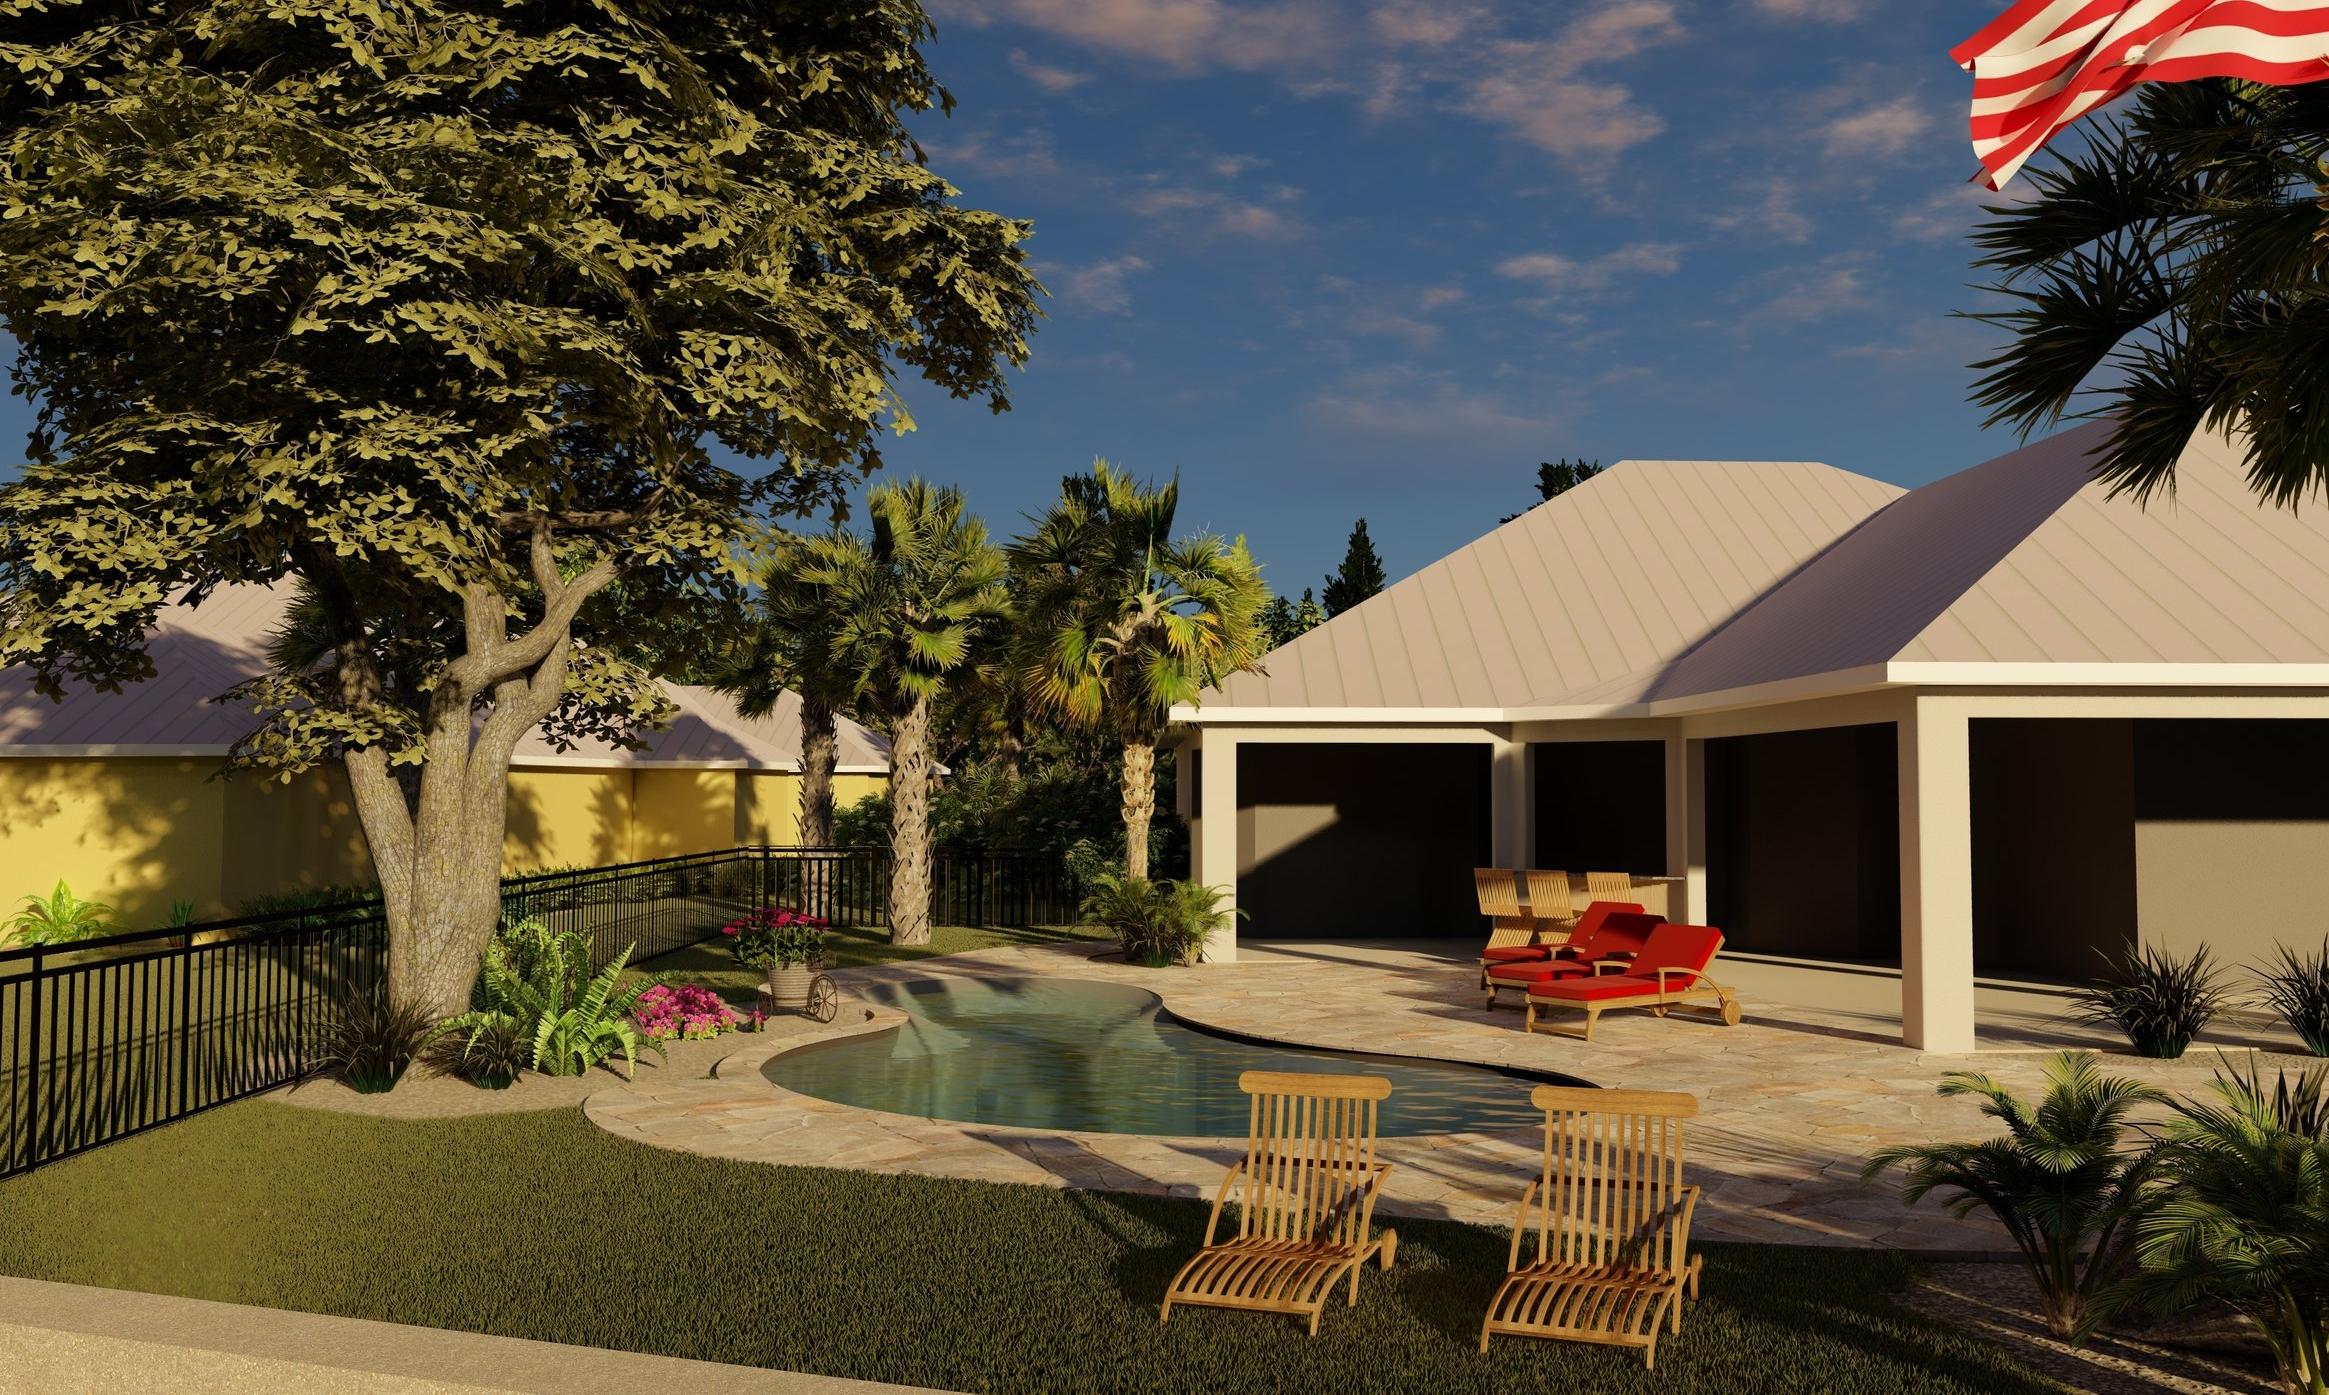 prevatte render-final_4 - Photo.jpg